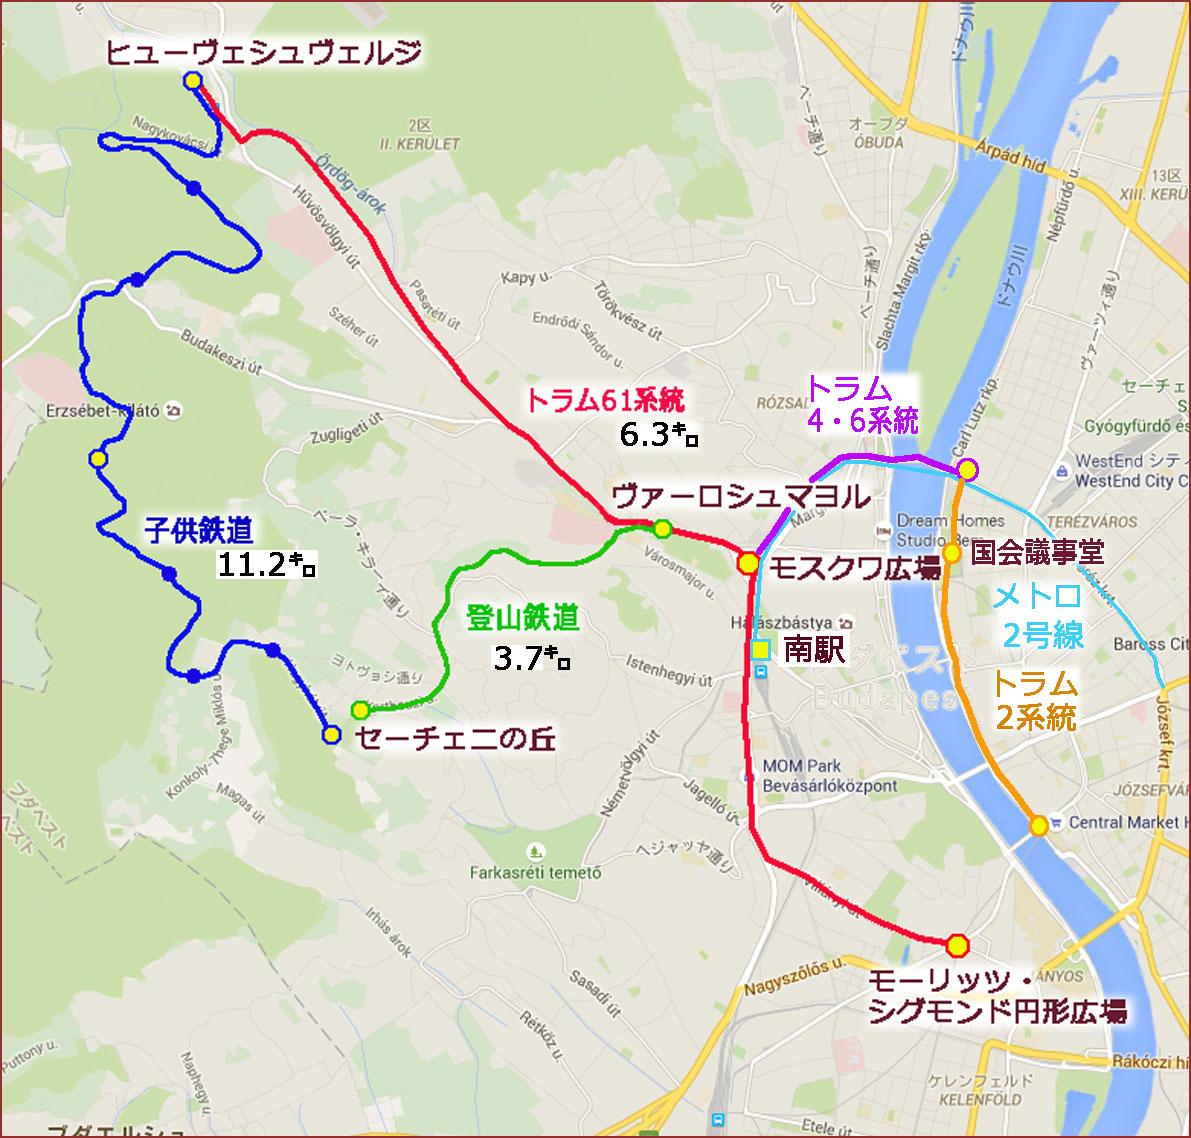 02_登山・子供鉄道_400